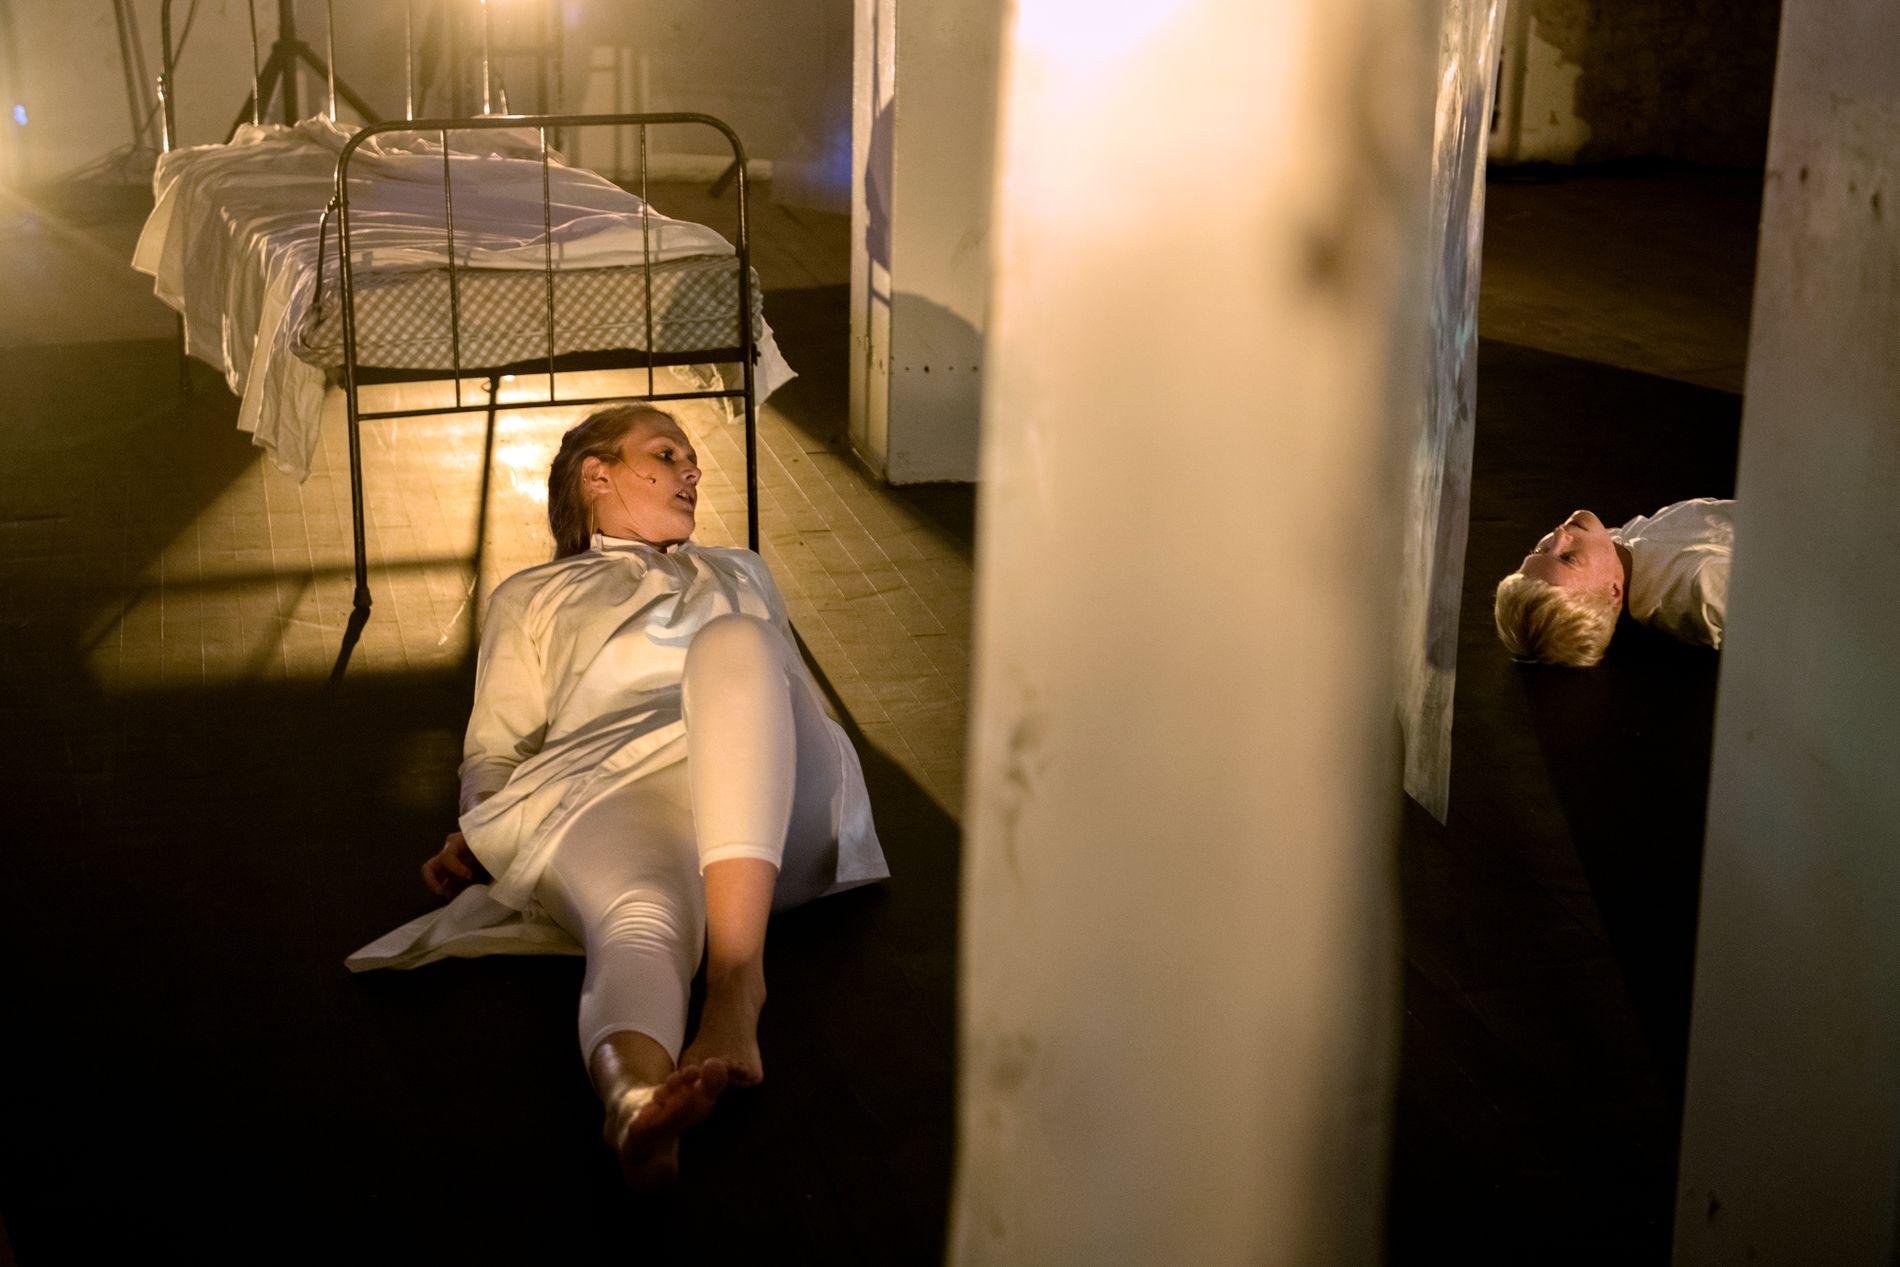 SKREKK TIL BERGEN: Regissør Jeff Pedersen Harastølen har tidligere satt opp «skrekkteater» i Luster. Nå bringer han skrekkteateret til Bergen. Her ser vi skuespiller Marte Paulsen og danser Berit Einemo Frøysand.